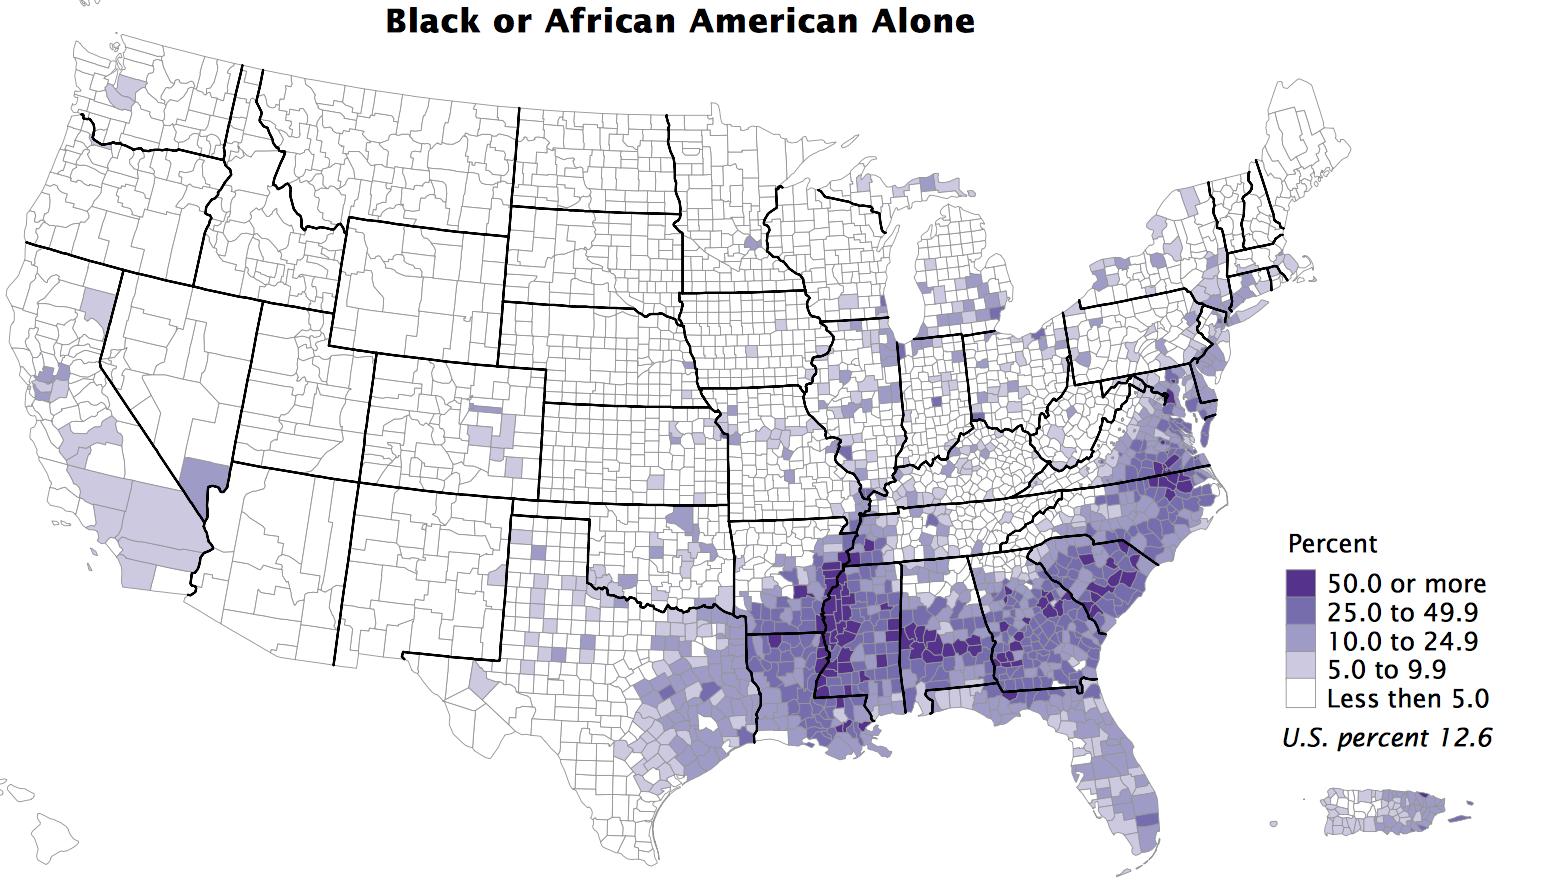 Black non-Hispanic 2010 census